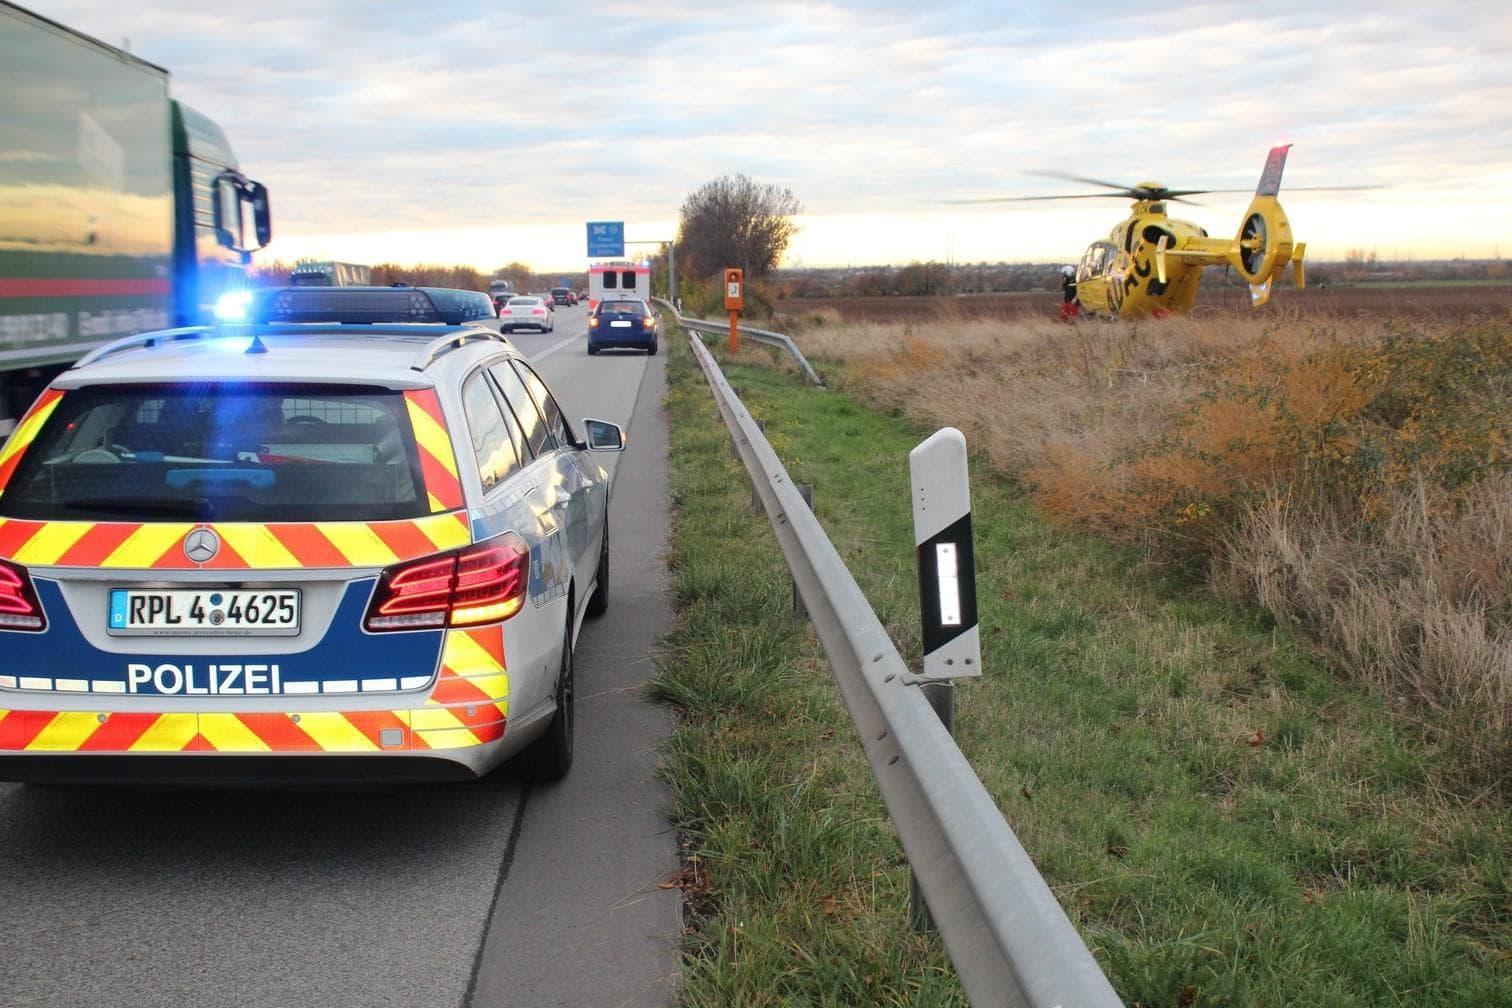 Foto: Polizeidirektion Neustadt/Weinstraße